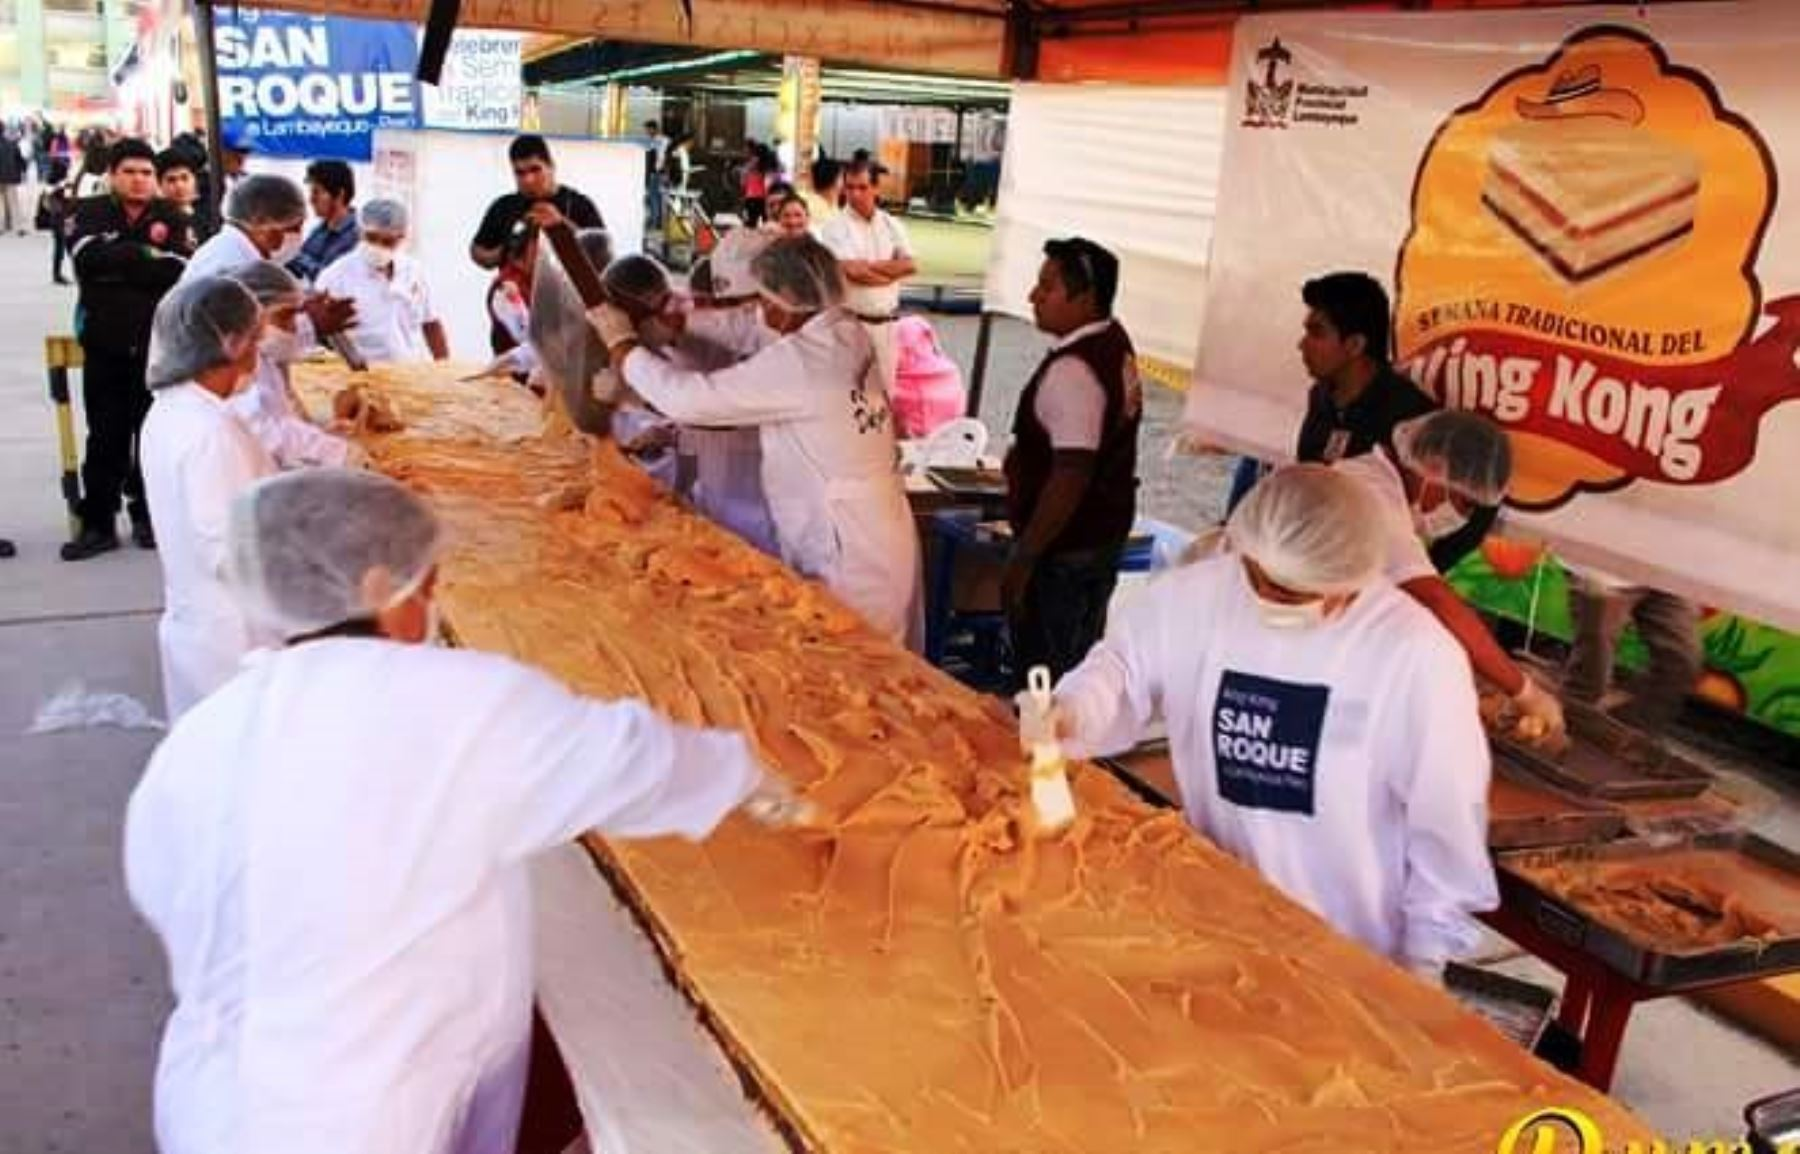 Un king kong es un dulce típico de Lambayeque, que consiste en galletas recubiertas con manjarblanco y mermelada de varias frutas. Foto: Cortesía